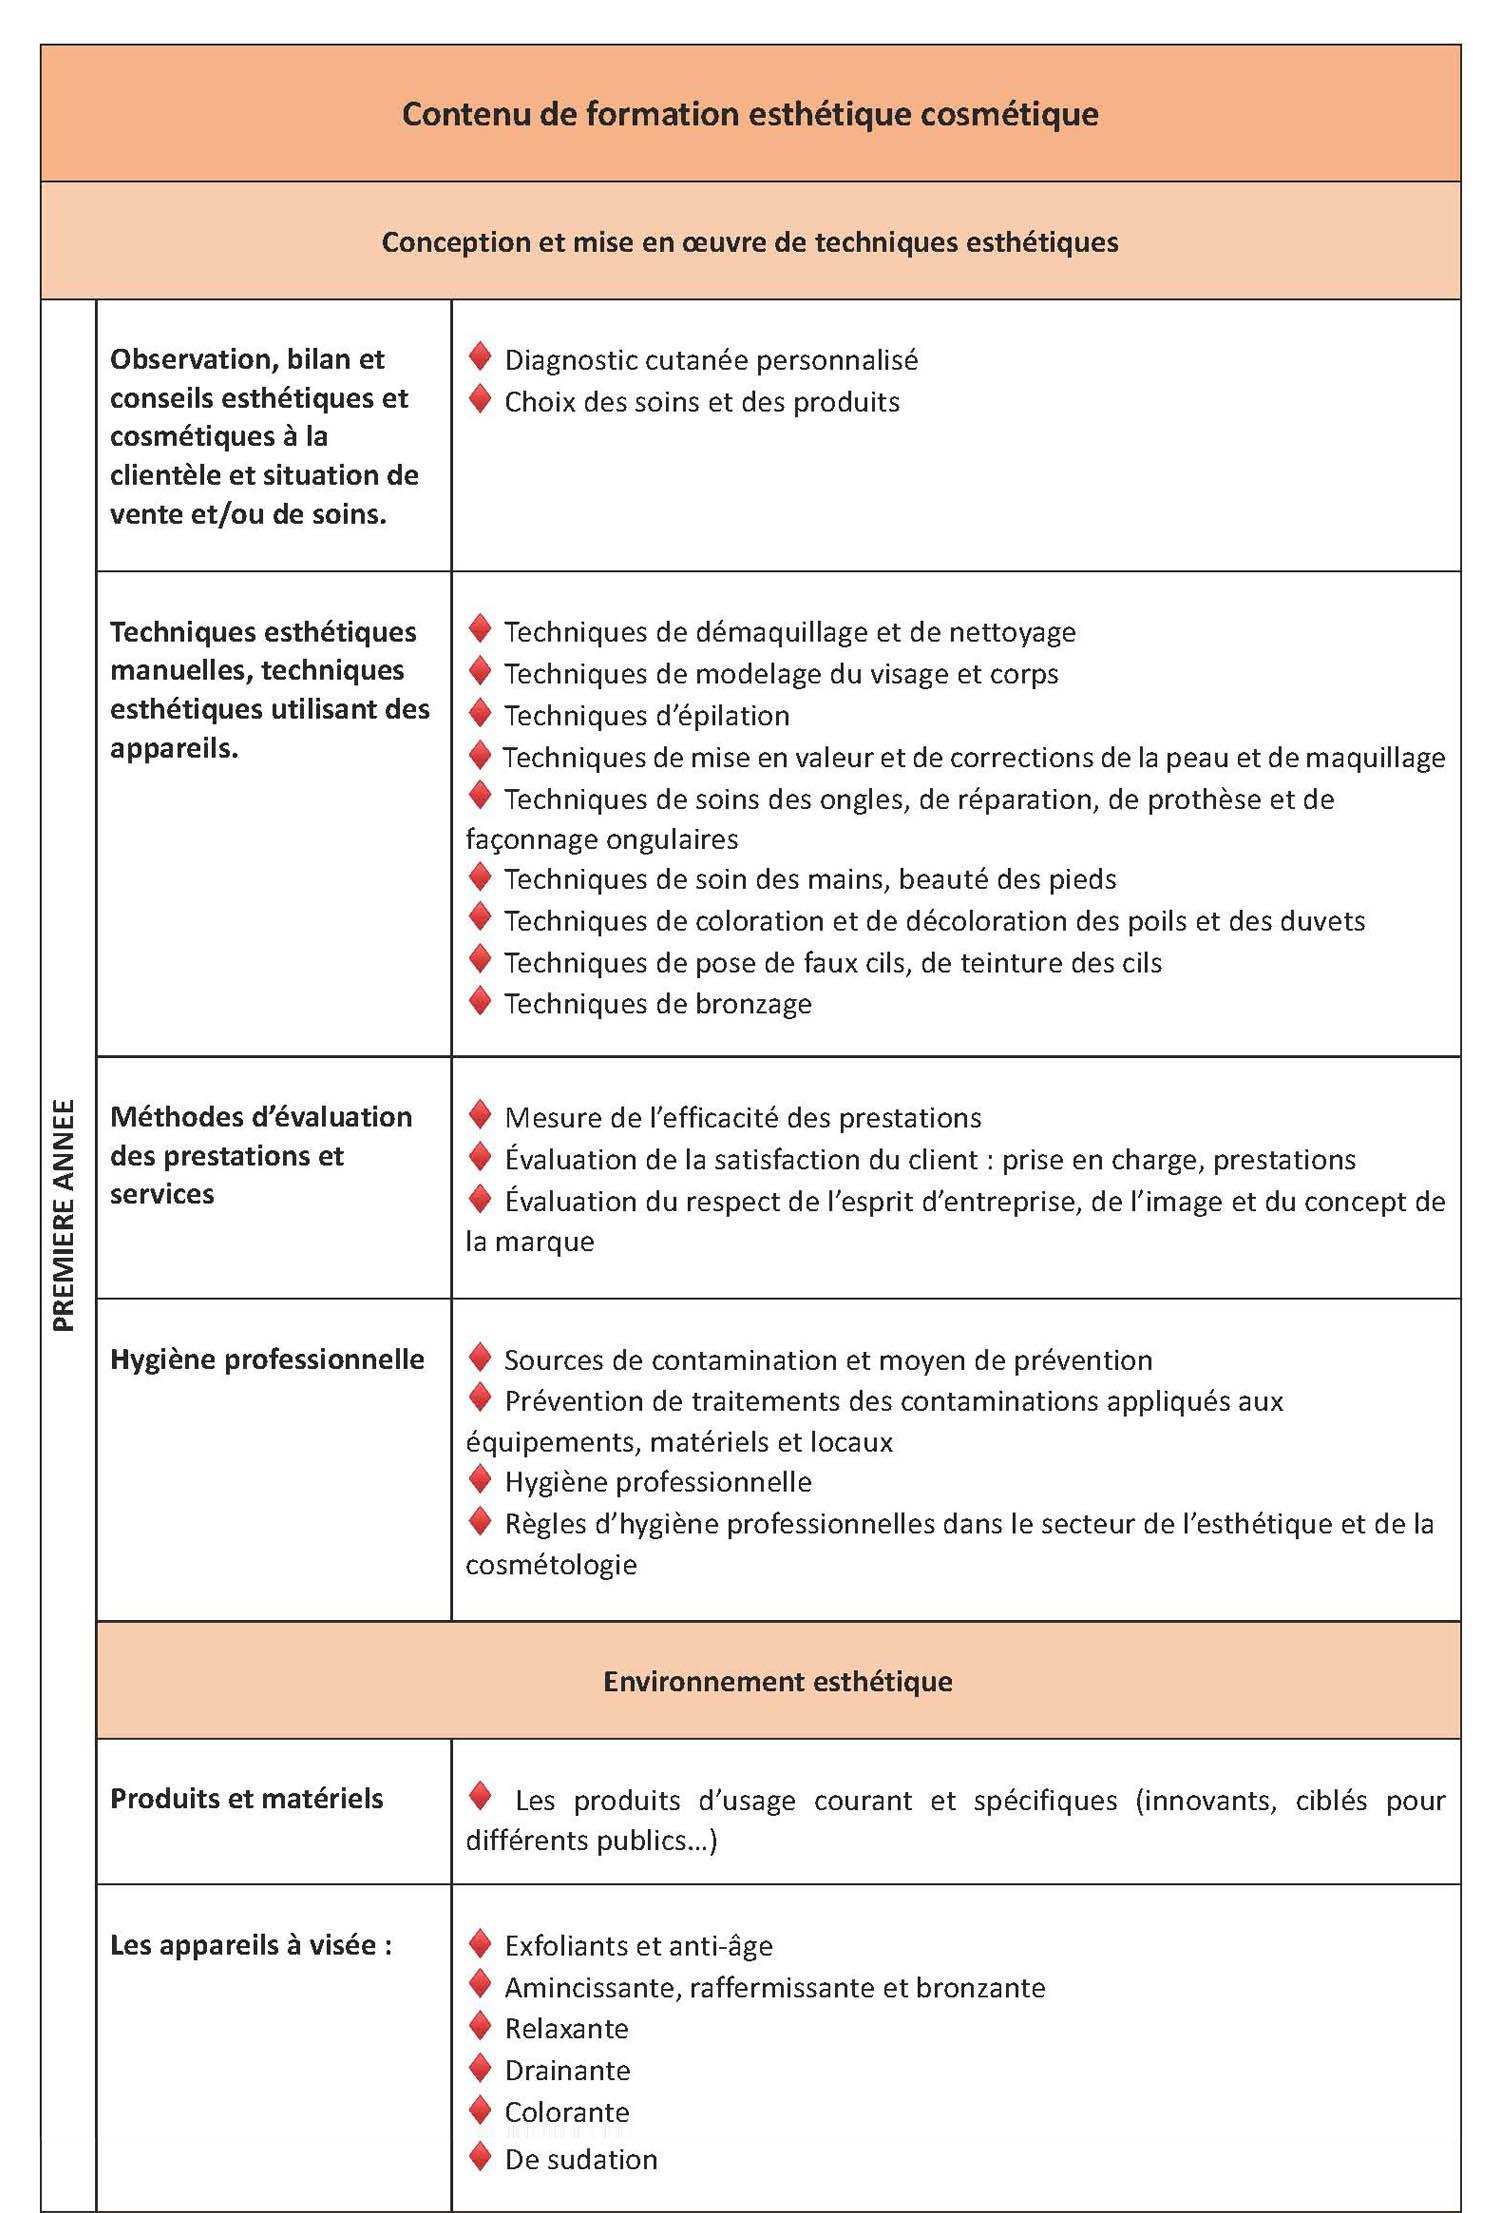 Haut du catalogue de formation d'esthétique, en français